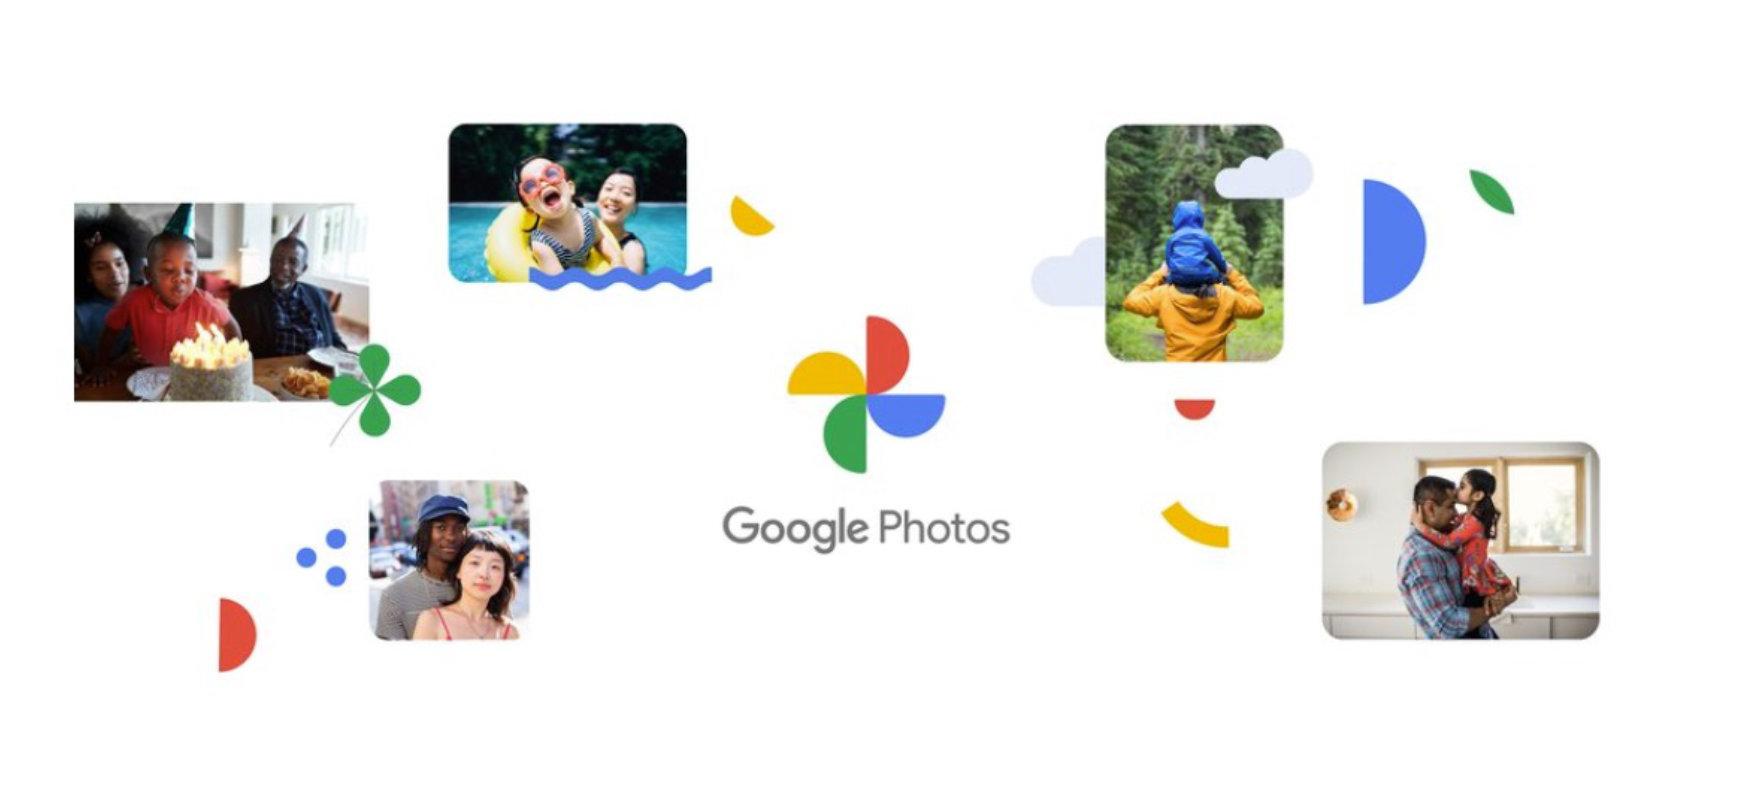 Google Photos ikono berria hasiera besterik ez da.  Aldaketa handiak datoz